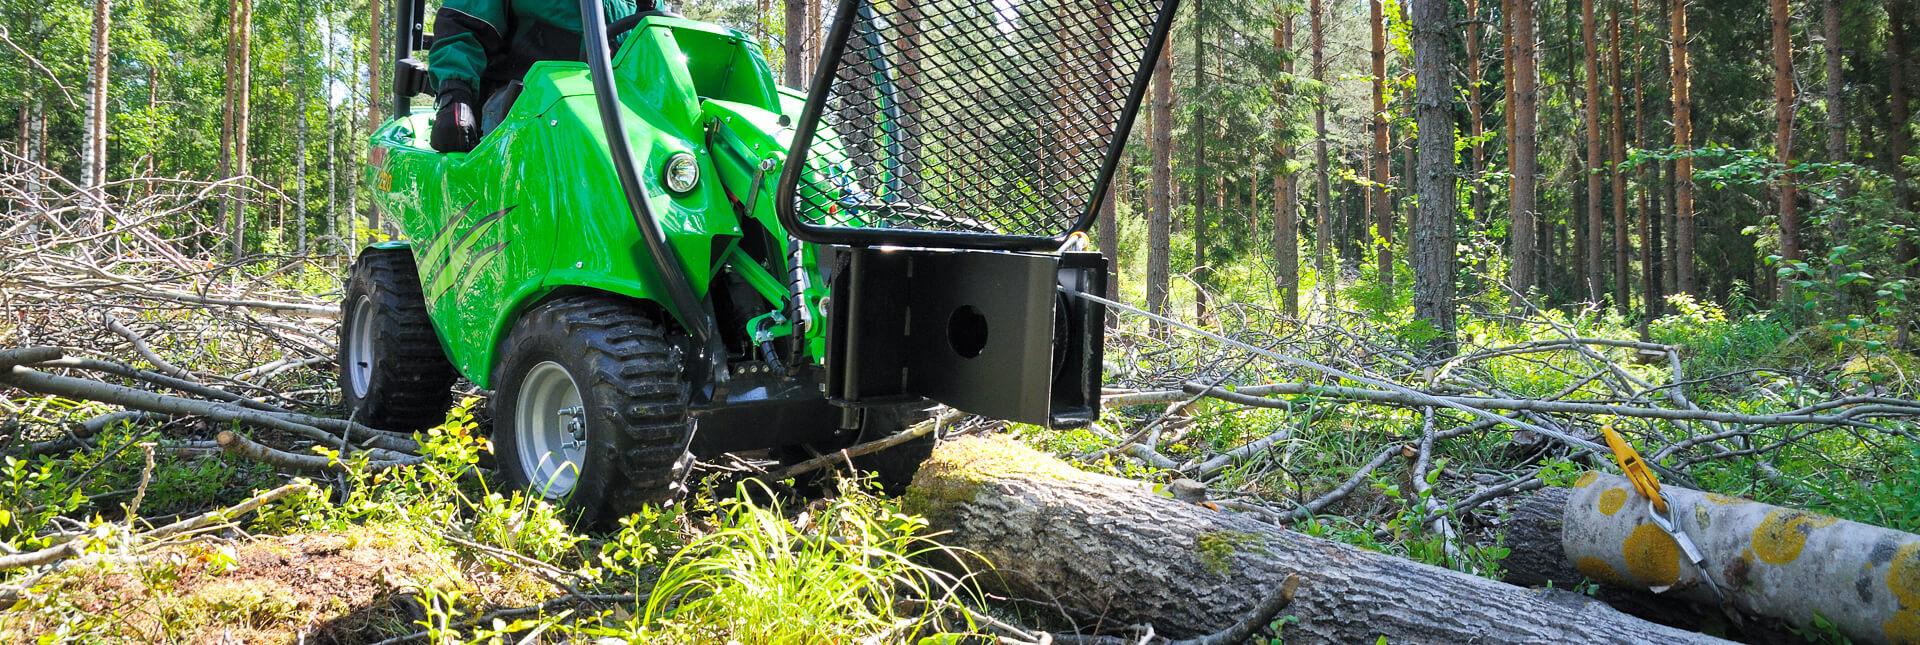 Arbejdsbillede af et Wirespil redskab monteret på avant minilæsser